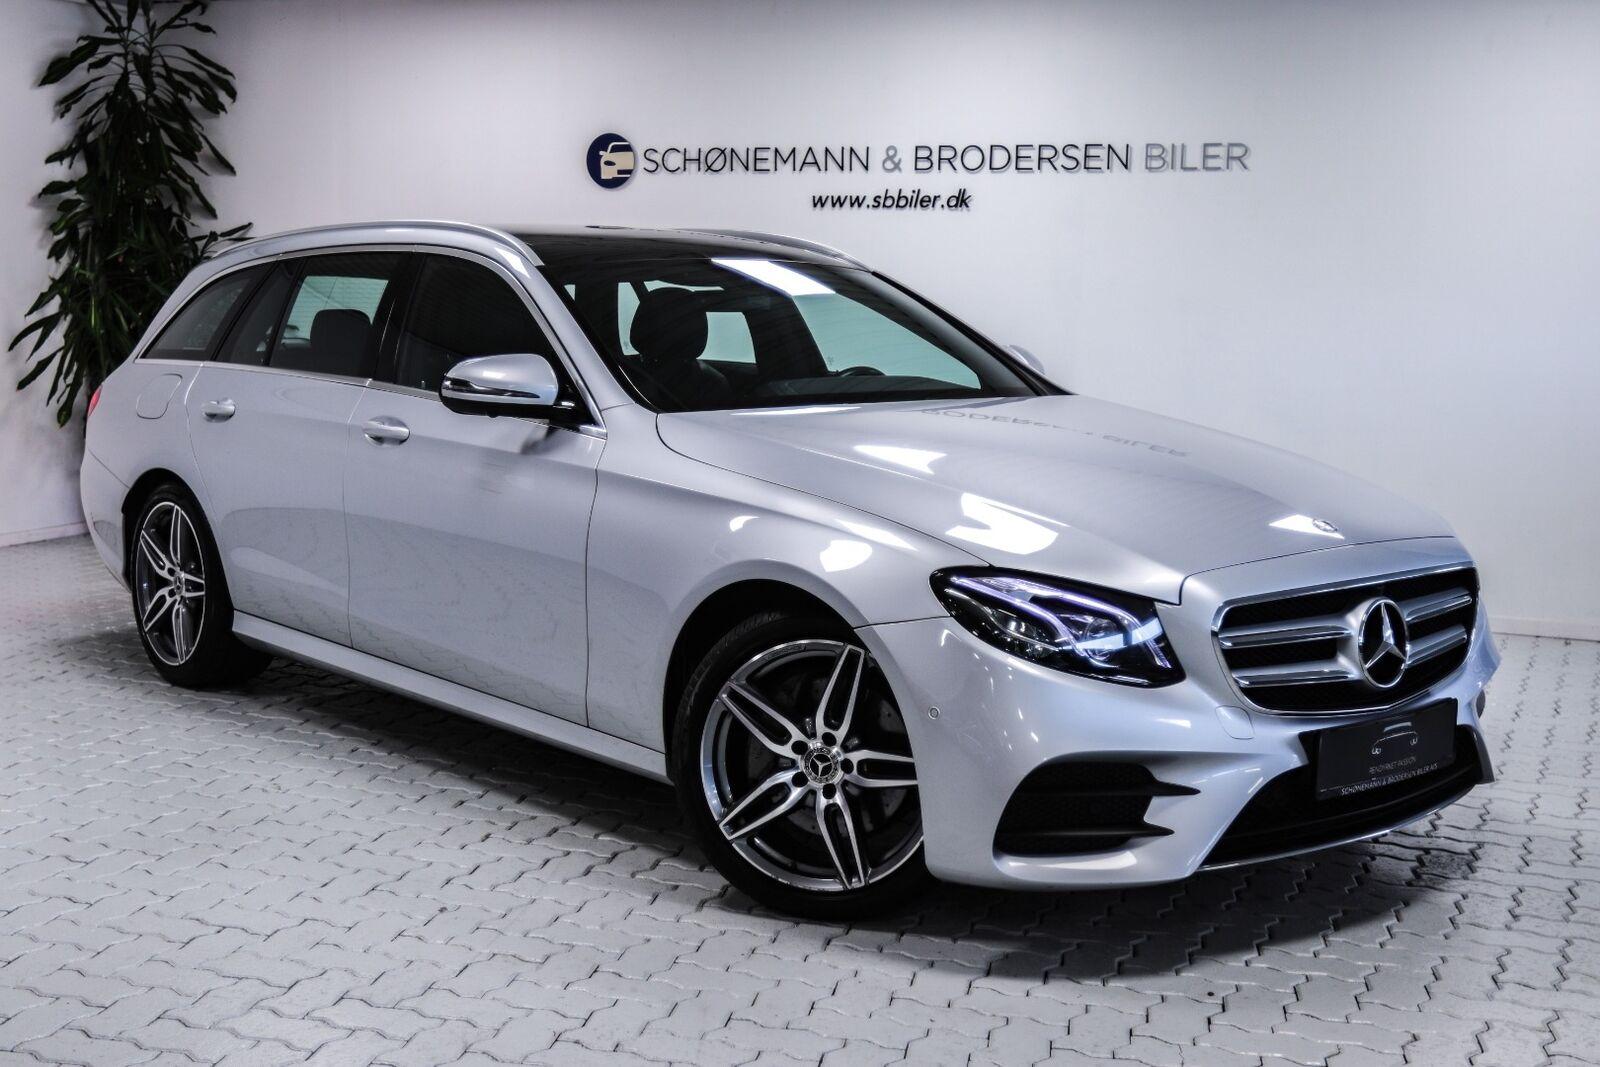 Mercedes E220 d 2,0 AMG Line stc. aut. 5d - 549.900 kr.